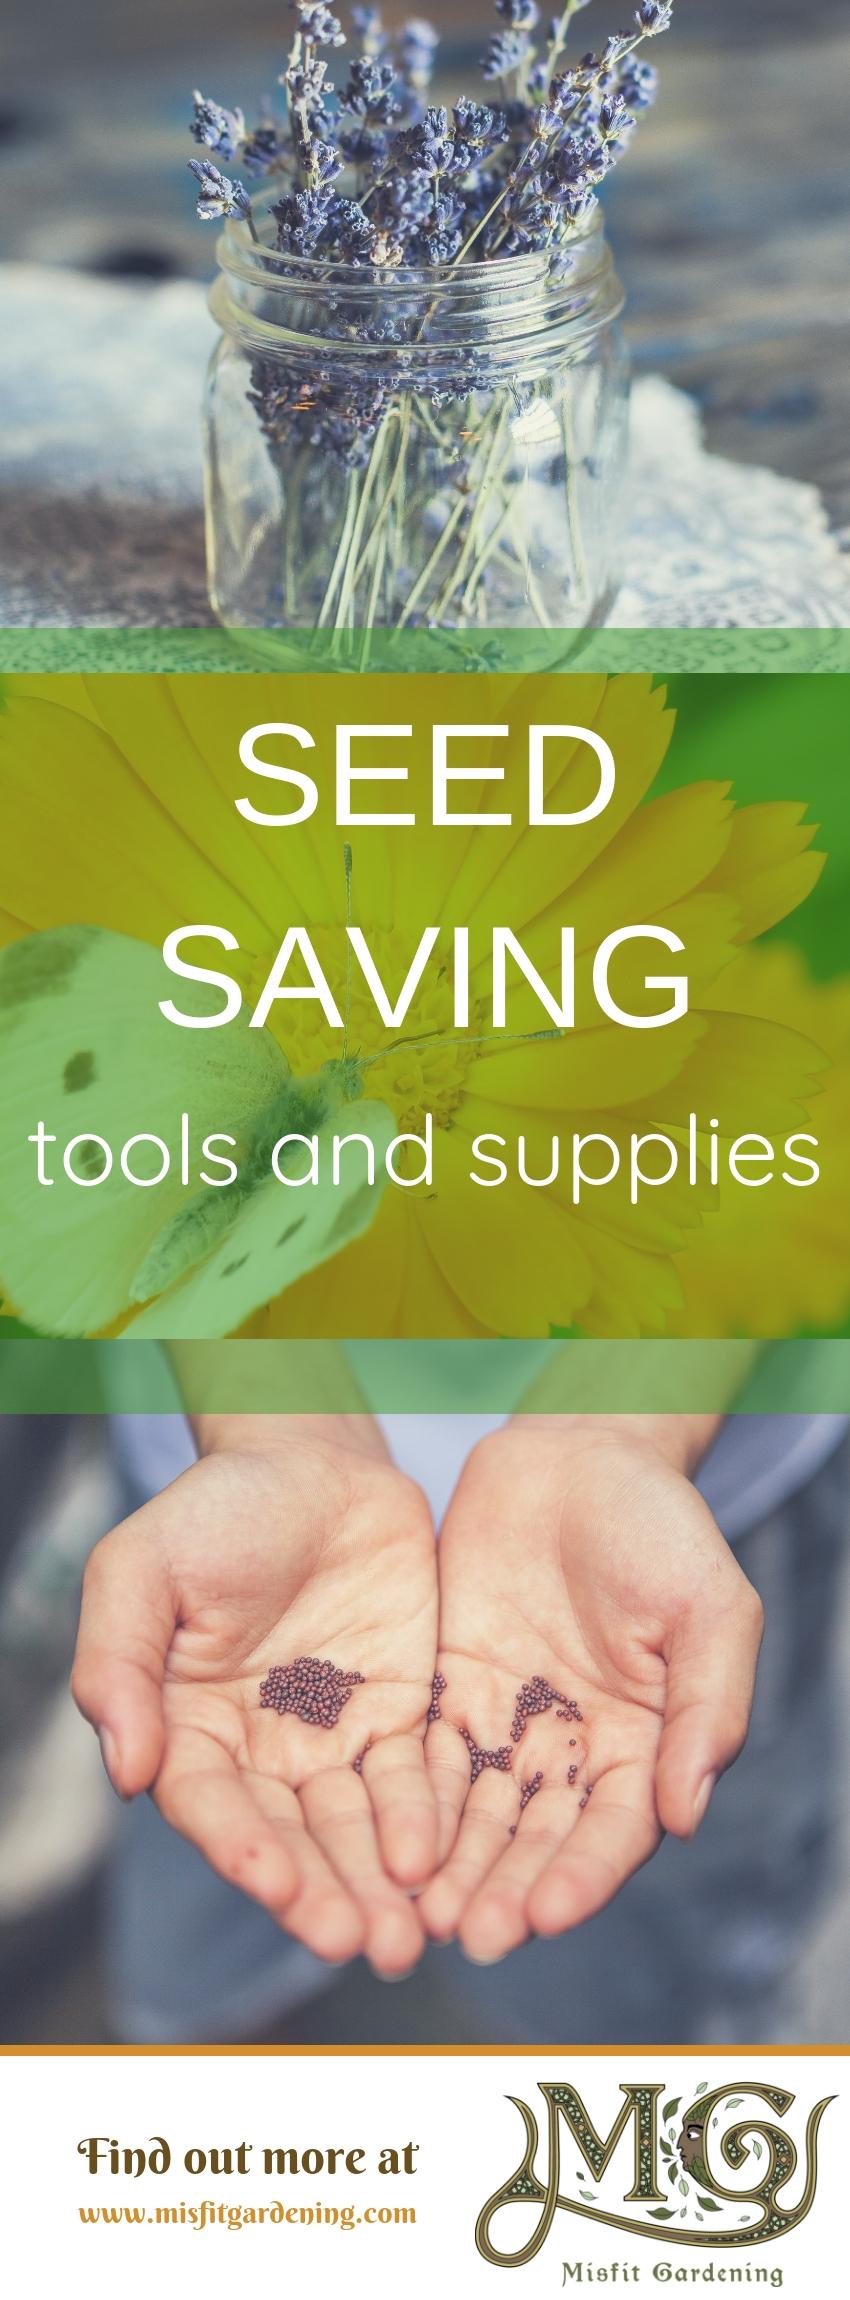 Erfahren Sie mehr über billige und einfache Saatgutspargeräte und -werkzeuge, mit denen Sie offen bestäubtes Saatgut sparen können. Klicken Sie hier, um mehr zu erfahren, oder stecken Sie es fest und speichern Sie es für später. #Garten #Saatgut #Haus